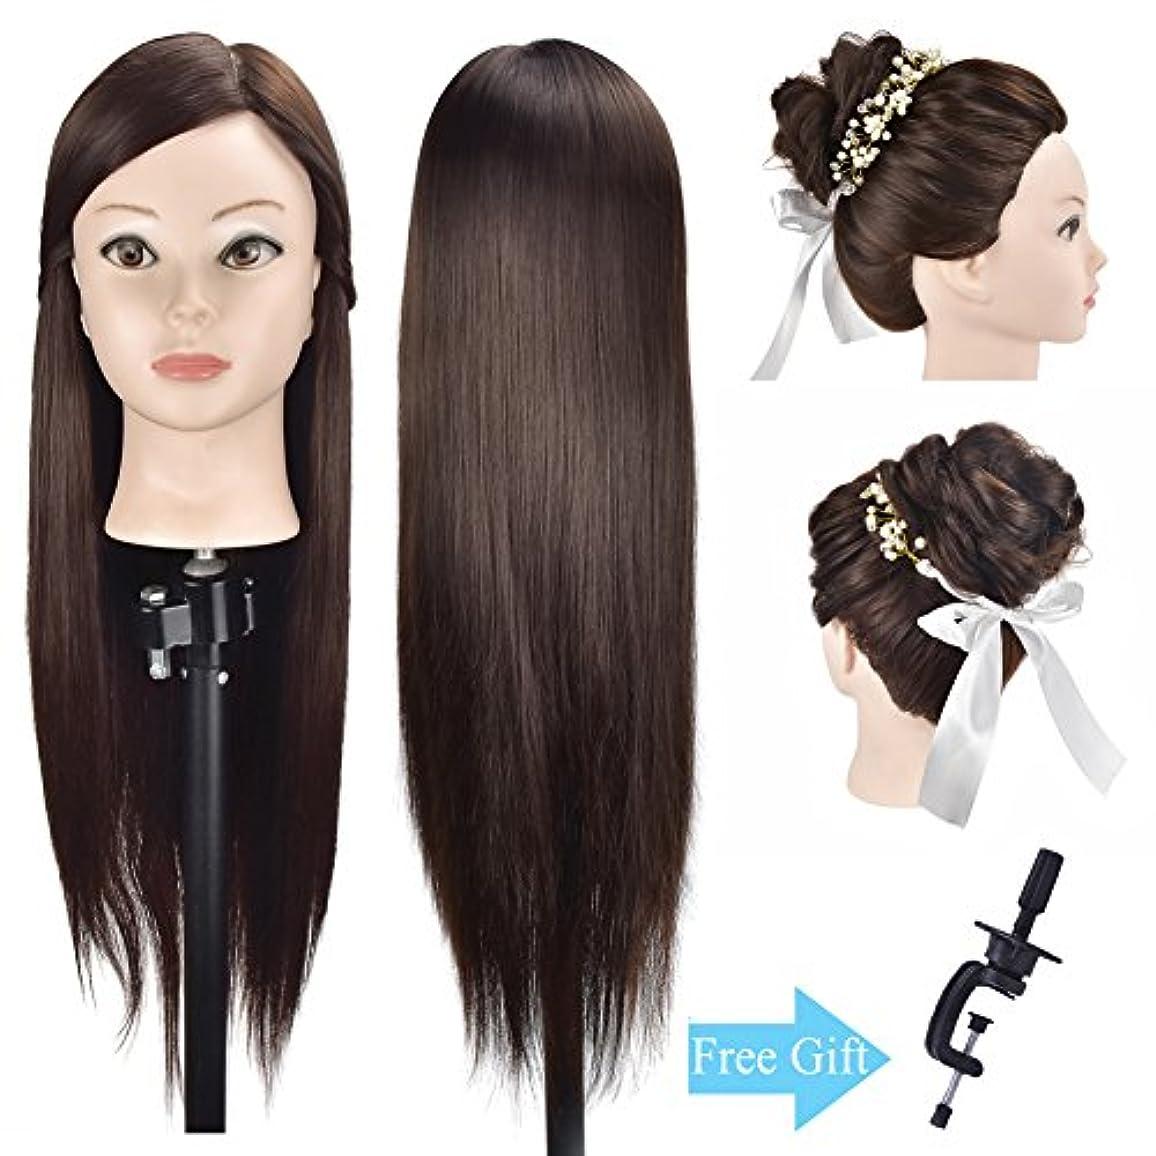 製品意気揚々航海練習用 編み込み練習用 ウィッグマネキンヘッド ヘアアクセサリーセット 美容室サロン 100%合成髪